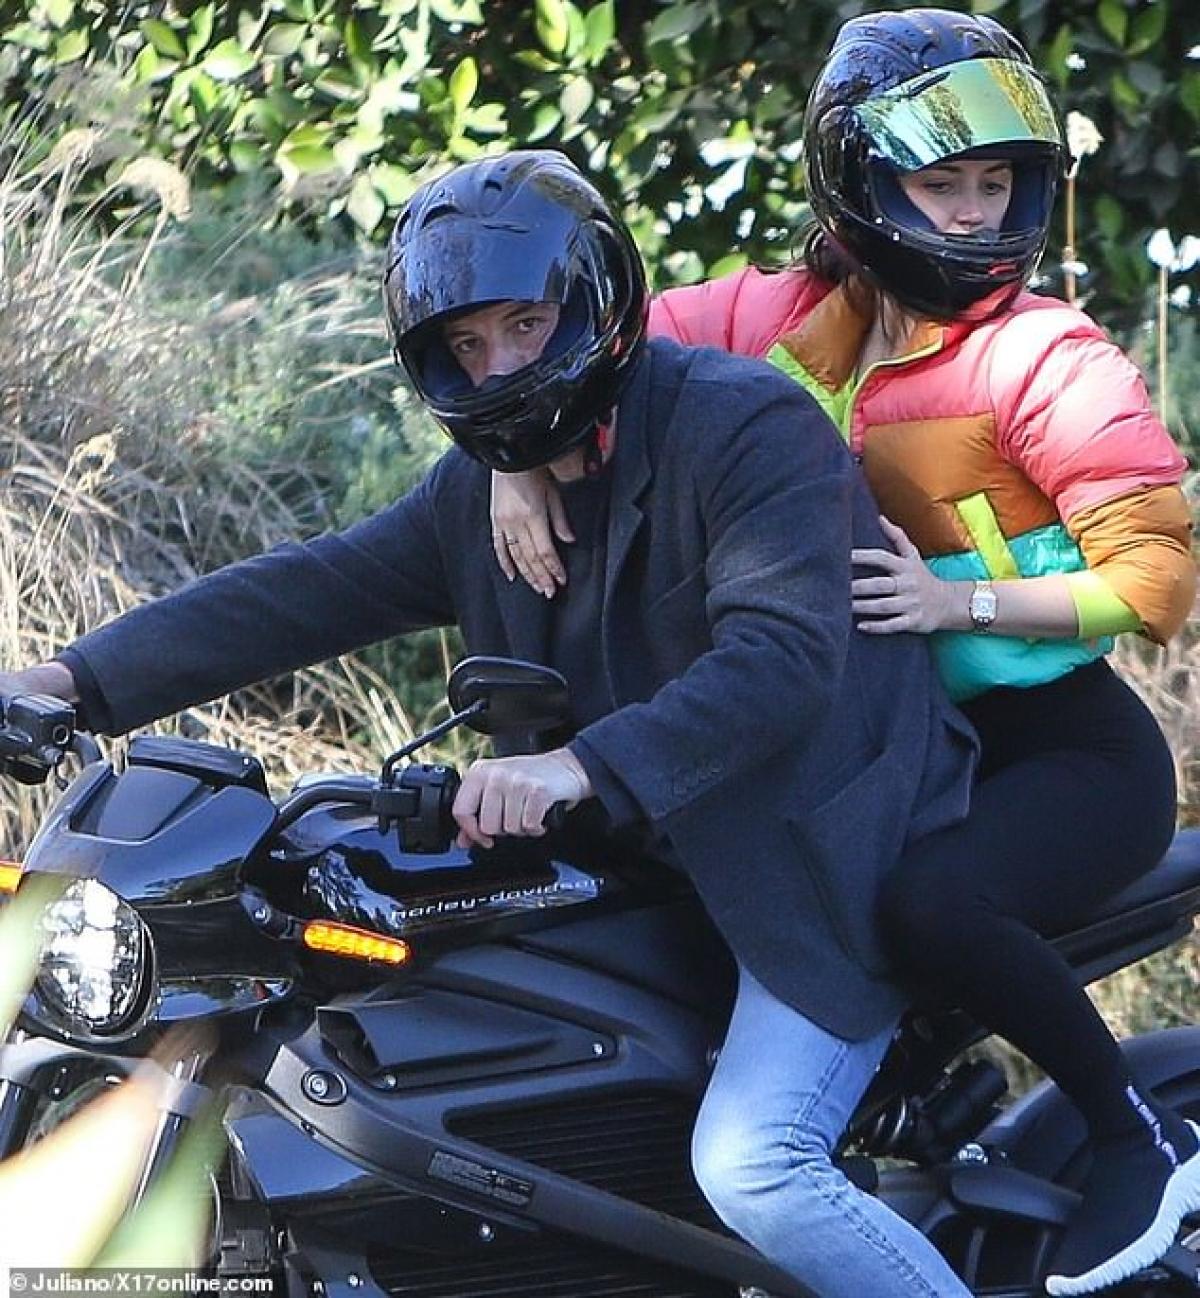 Tài tử 48 tuổi và bạn gái xinh đẹp đội mũ bảo hiểm cẩn thận khi đi xe lên đường.